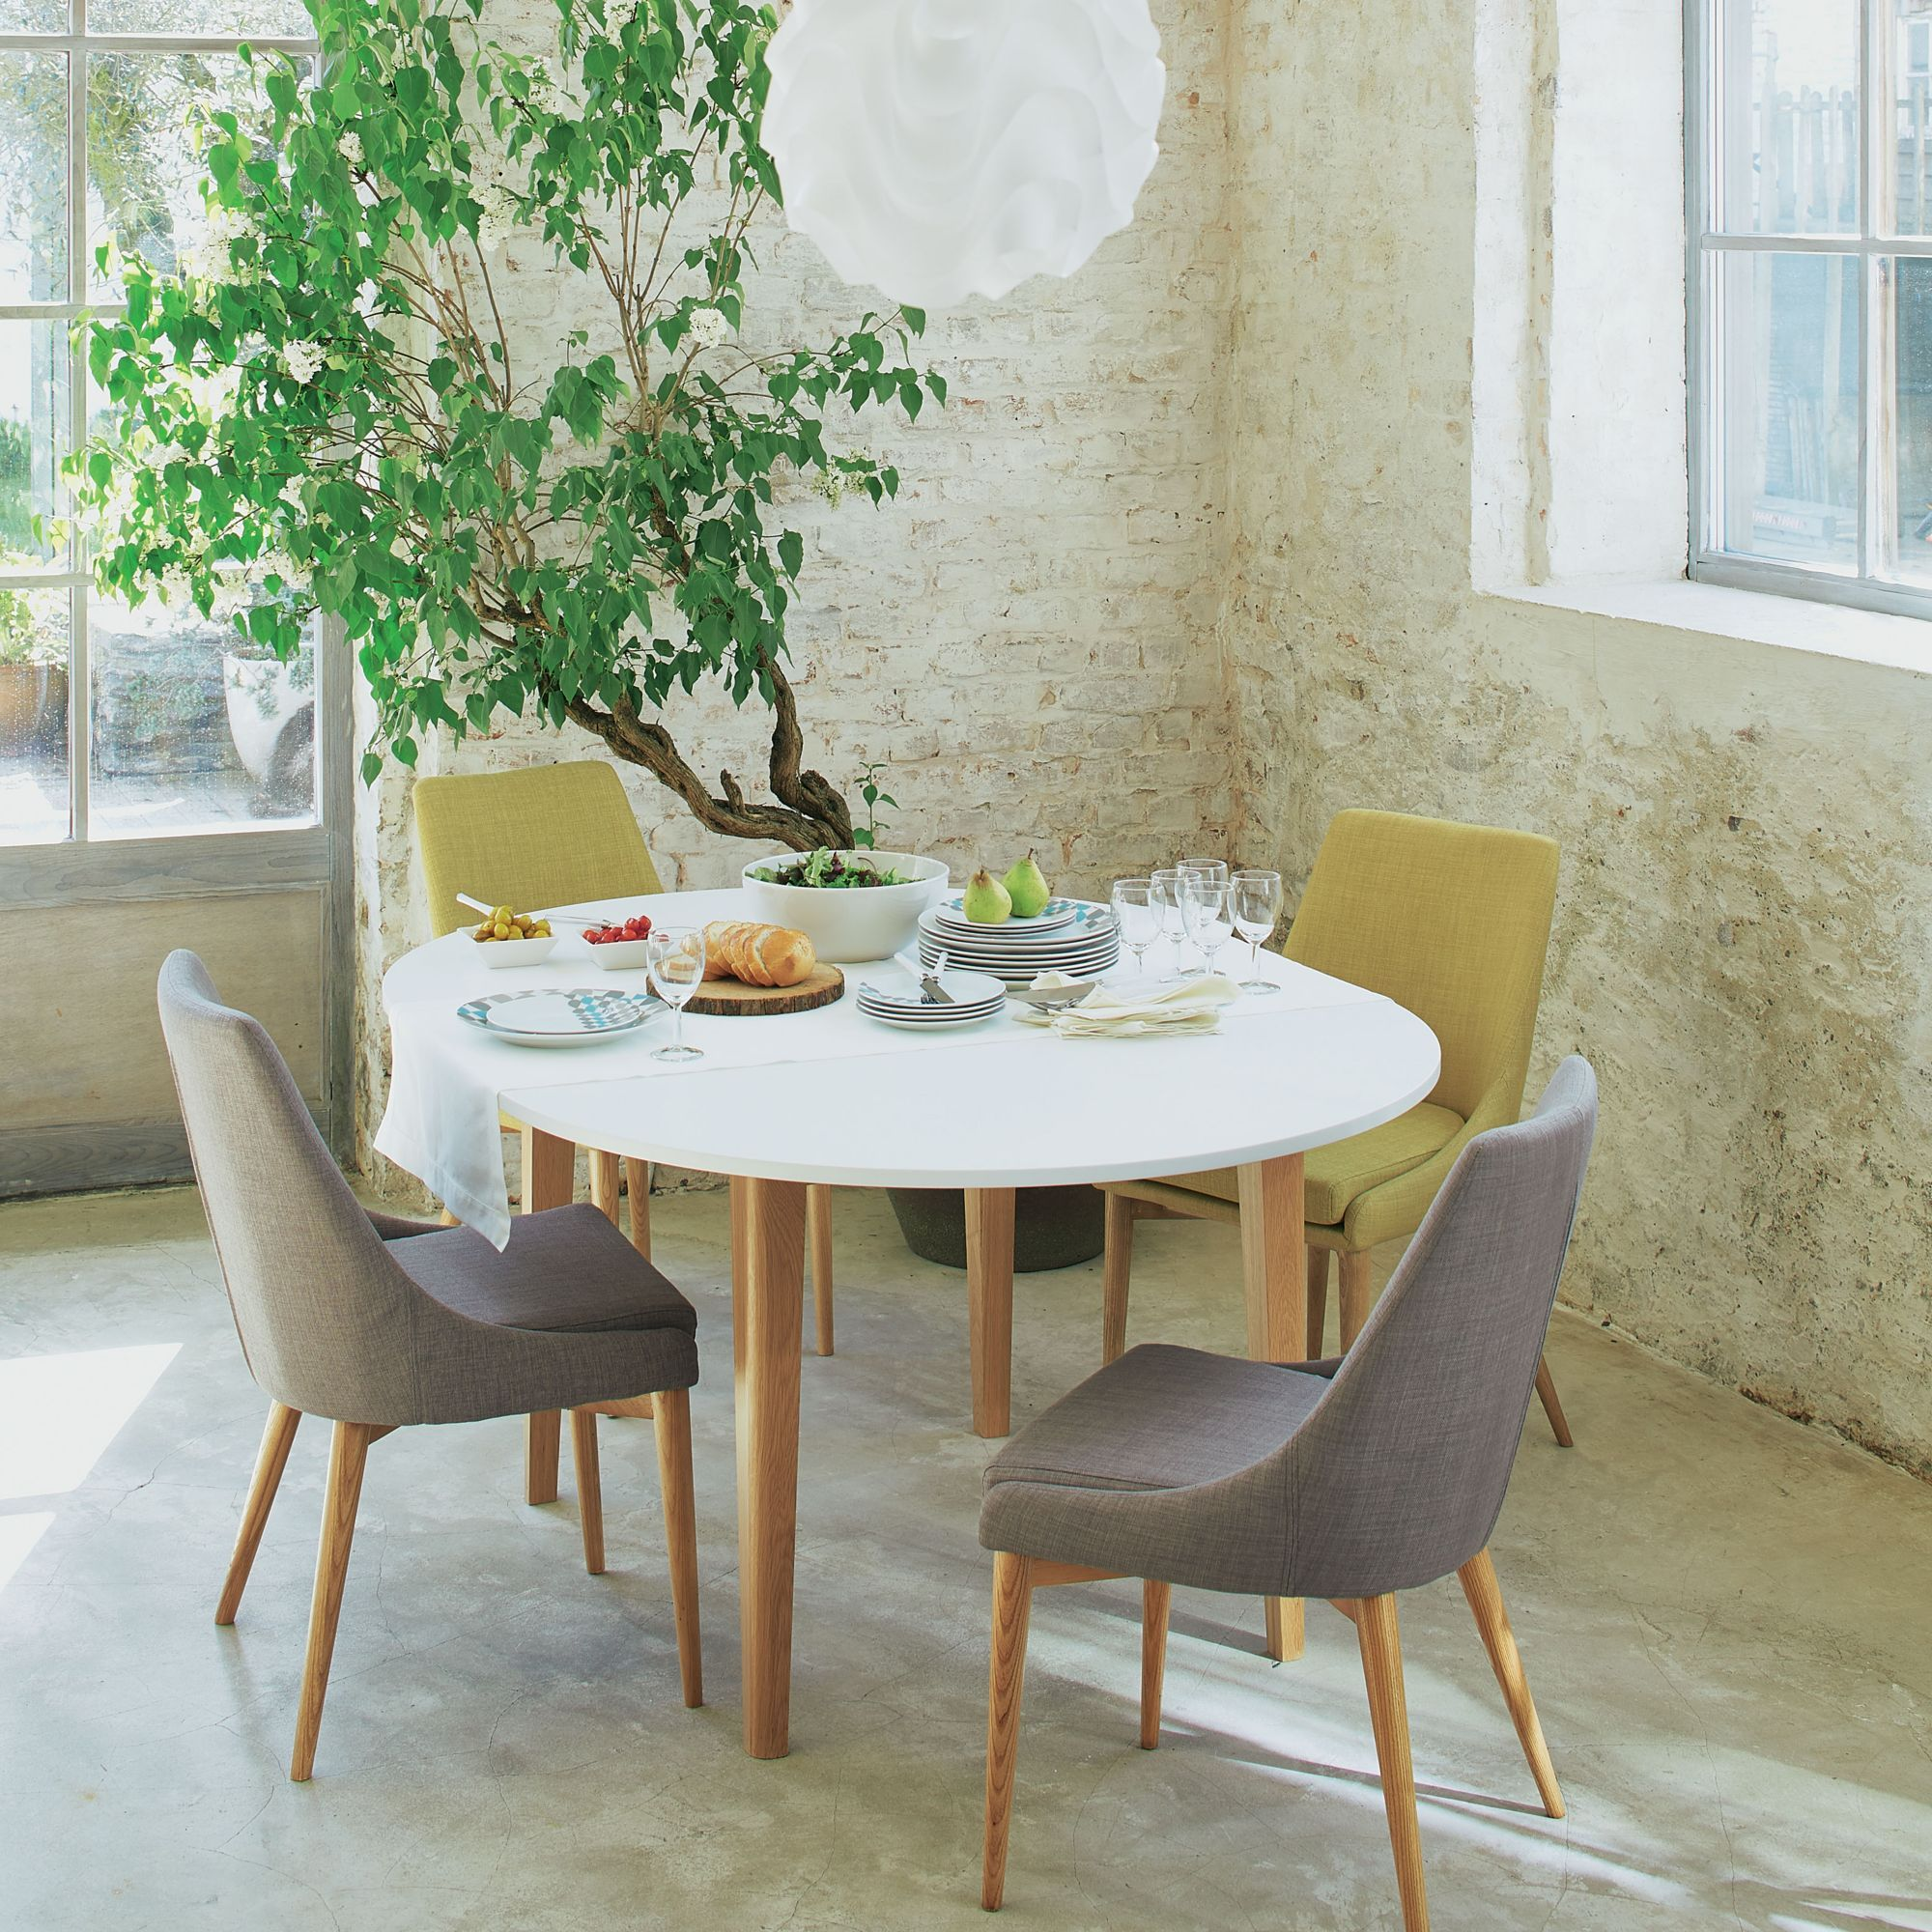 Table De Repas Ronde D120cm Avec Allonge Siwa Tables Rondes Tables Carrees Tables Chaises Salon Salle A Manger Par Piece Decoration Table Salle A Manger